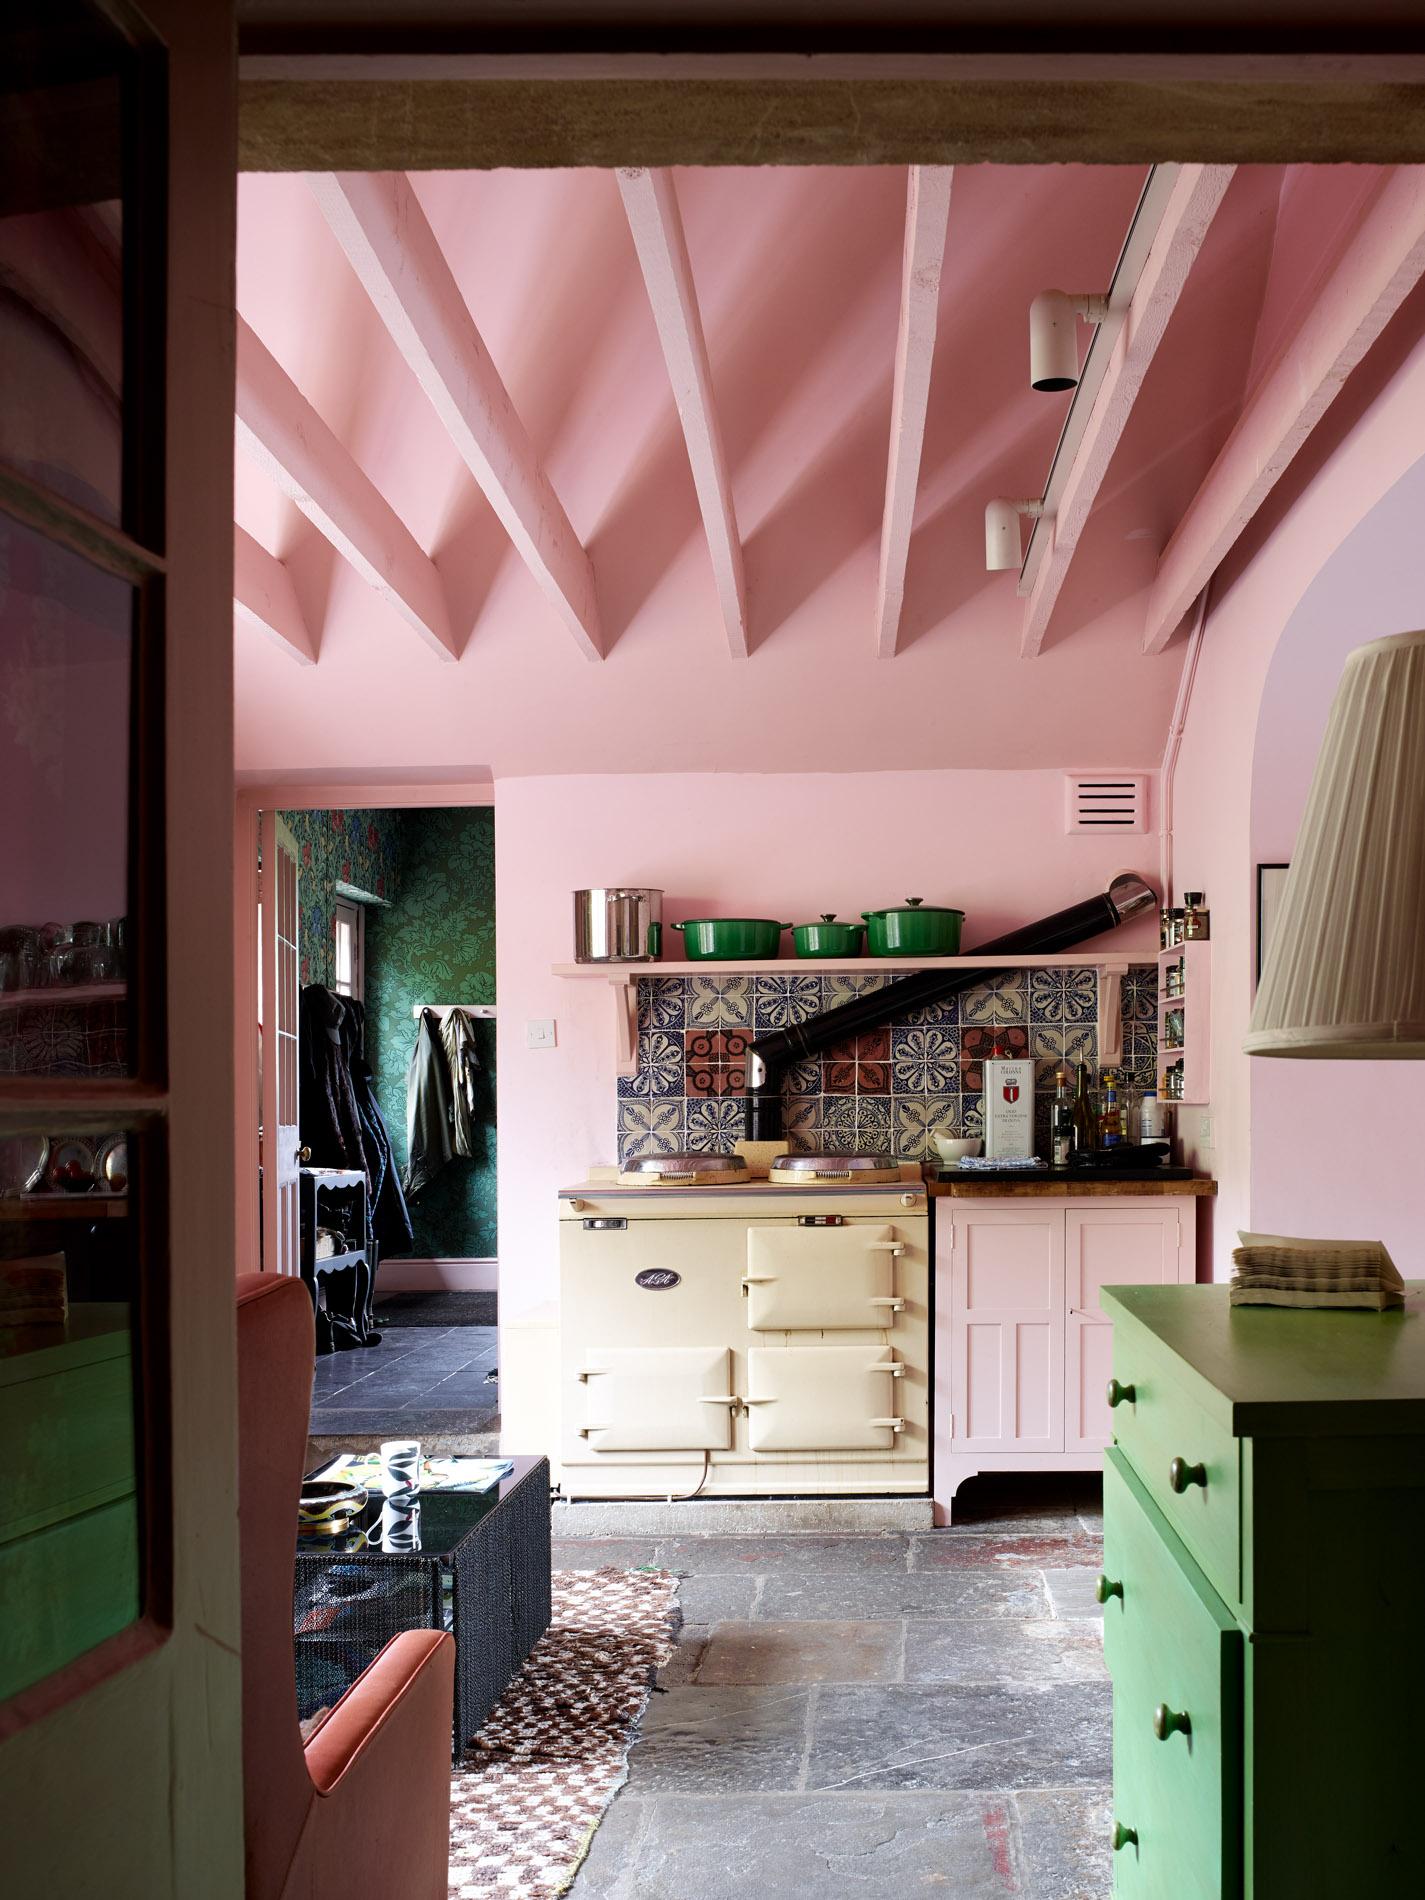 rachael-smith-interiors-190420-035